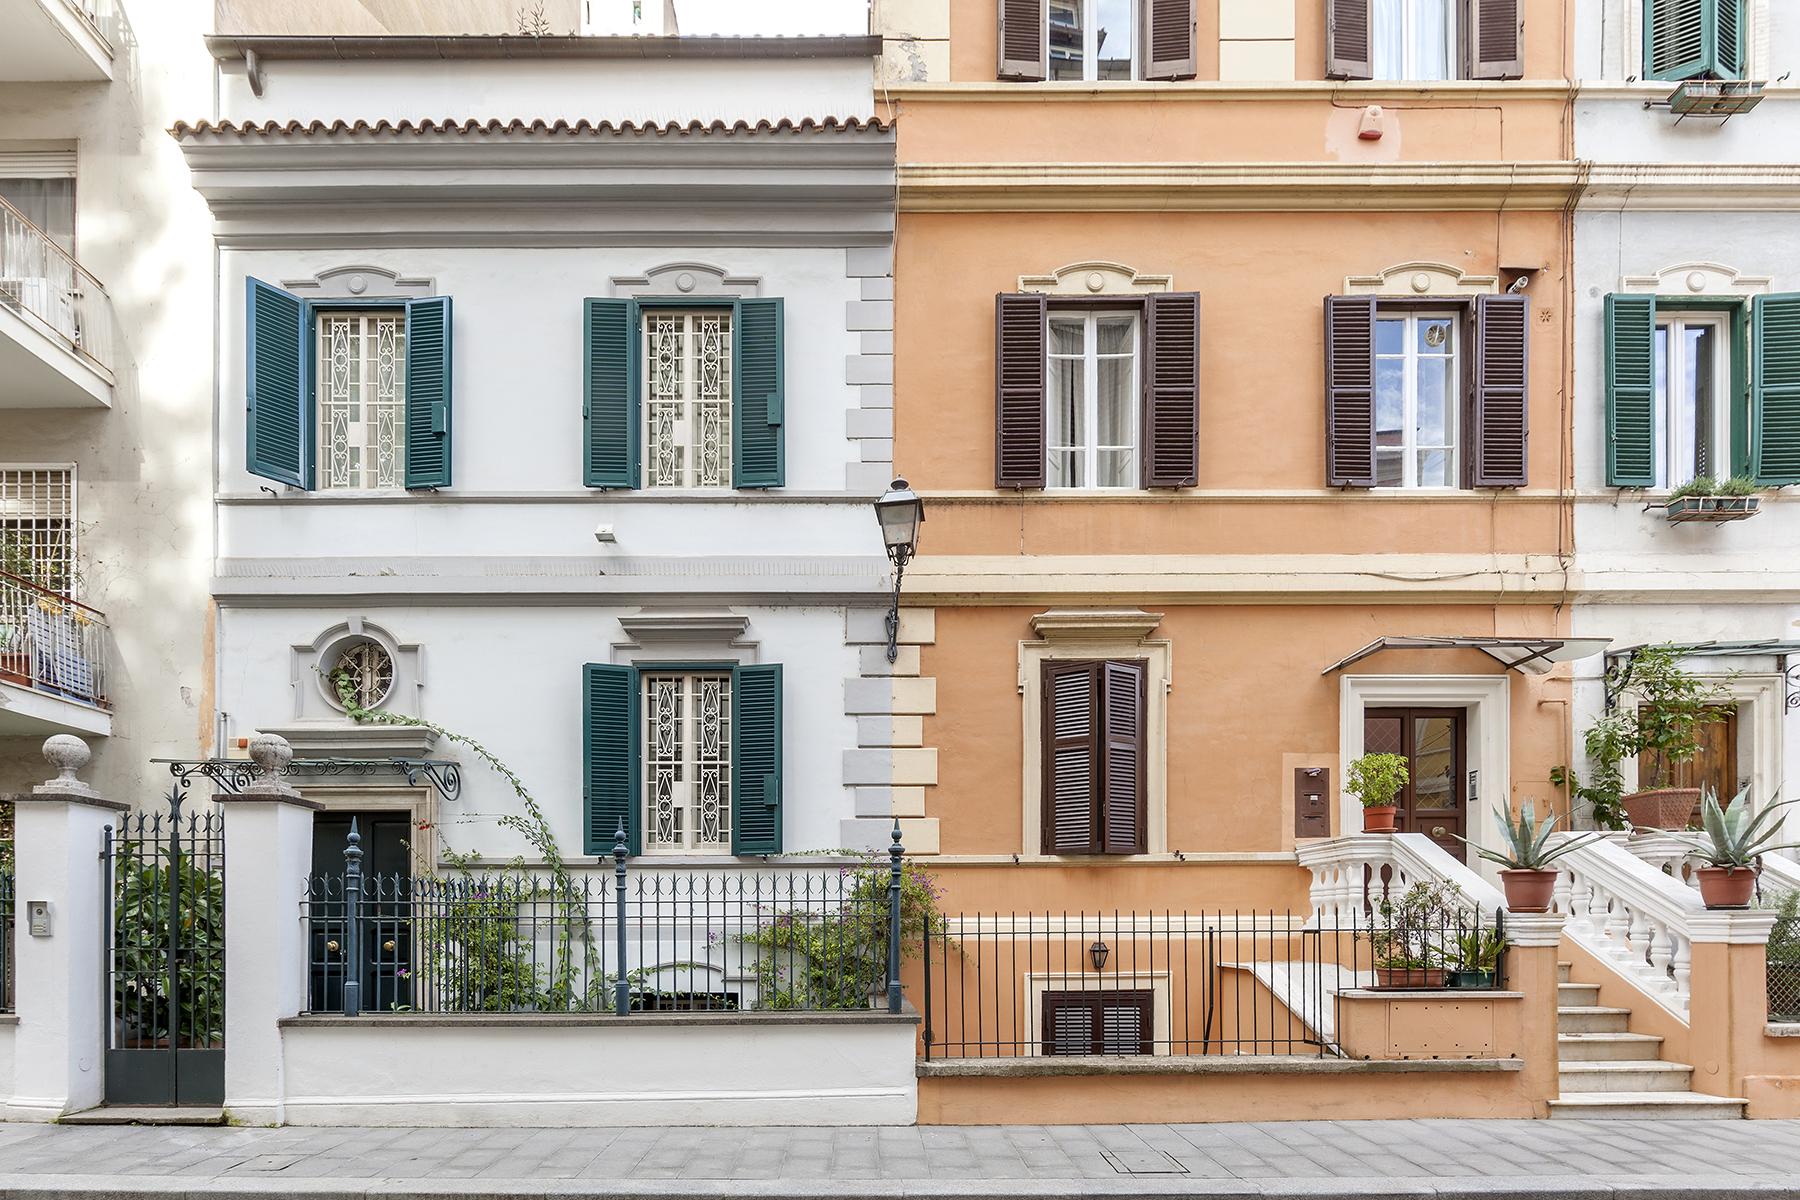 Casa indipendente di lusso in vendita a roma via viale del for Case in vendita roma